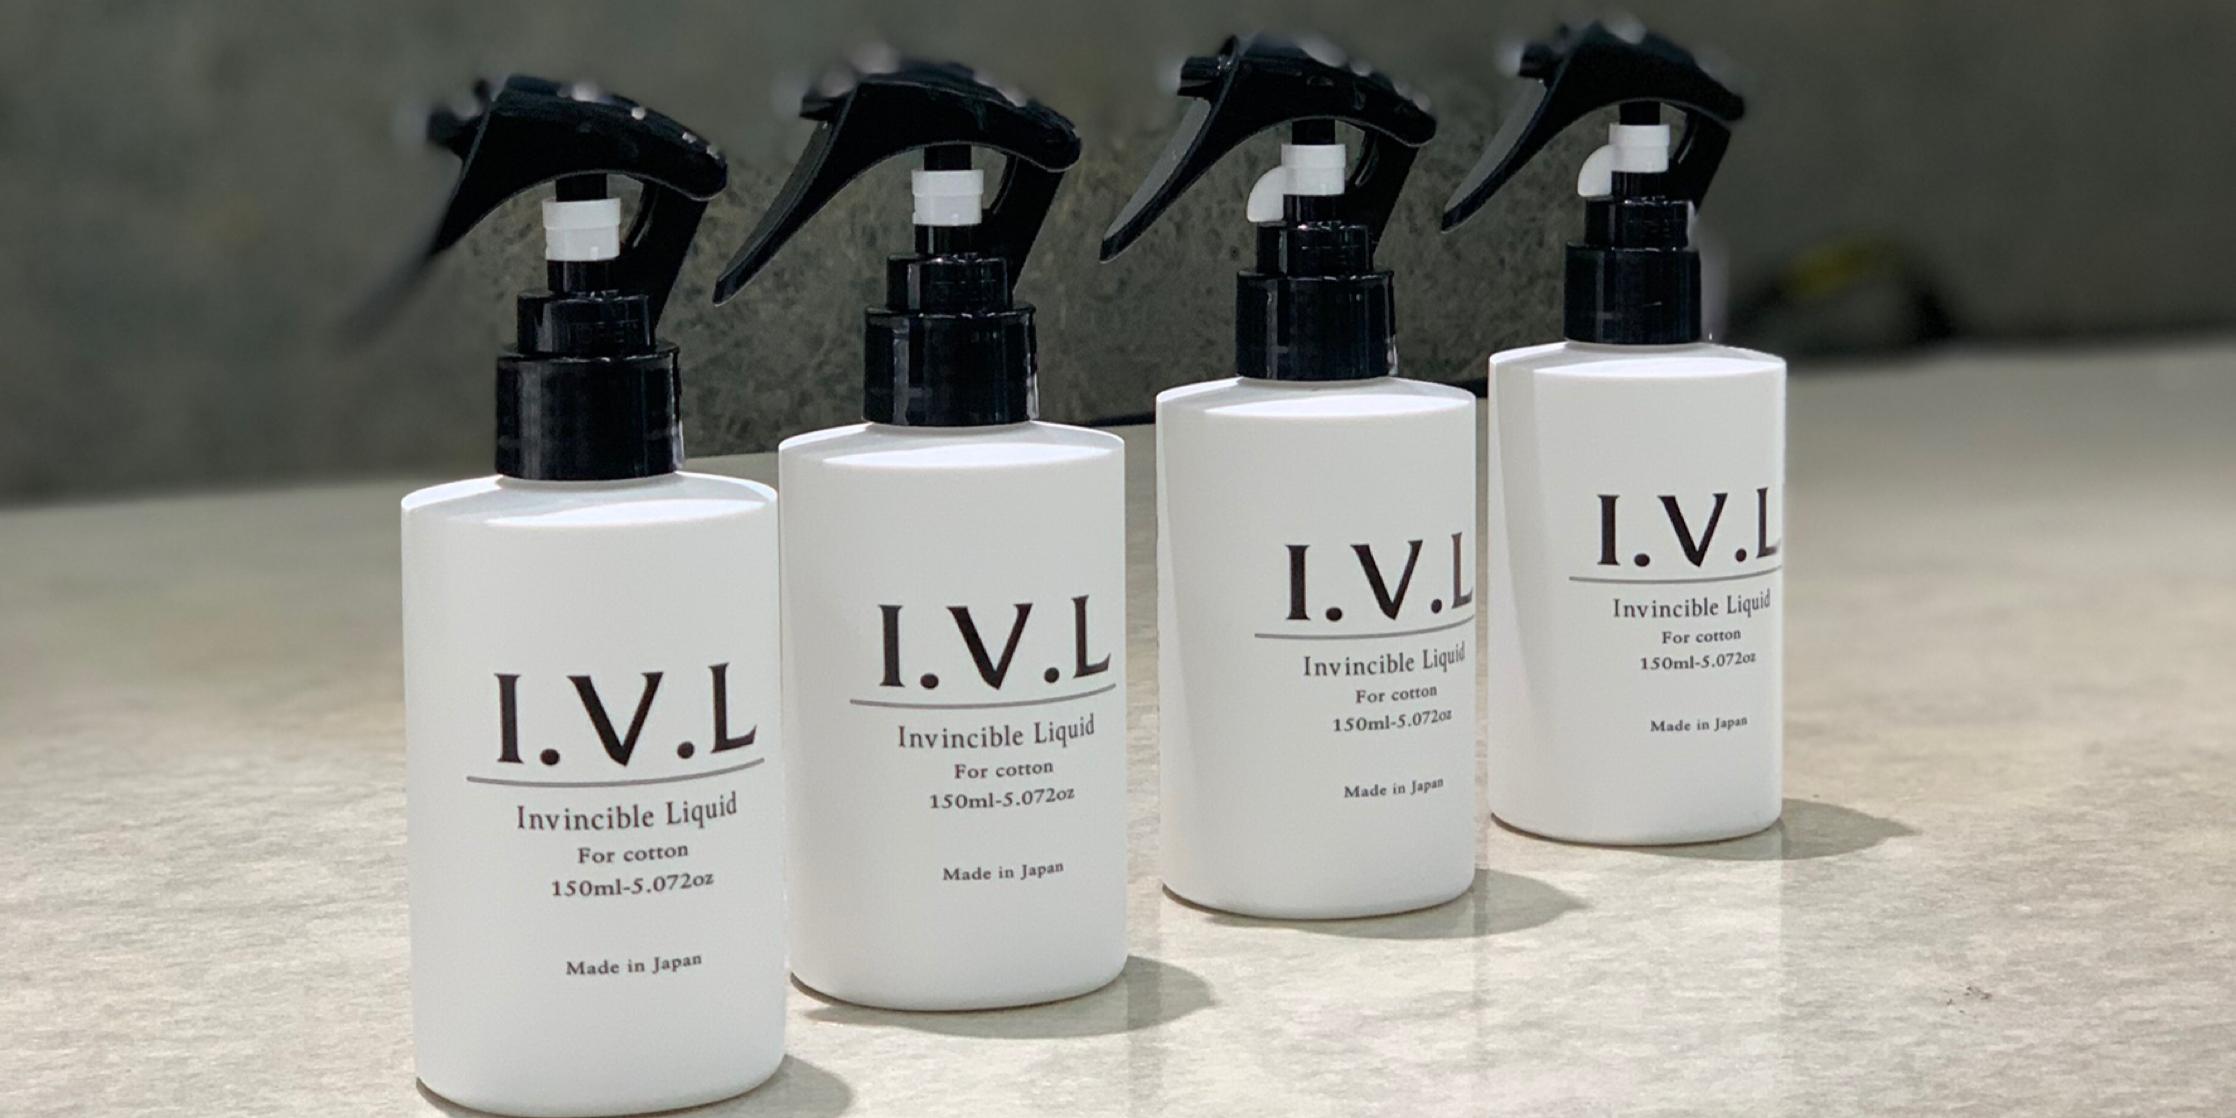 I.V.L